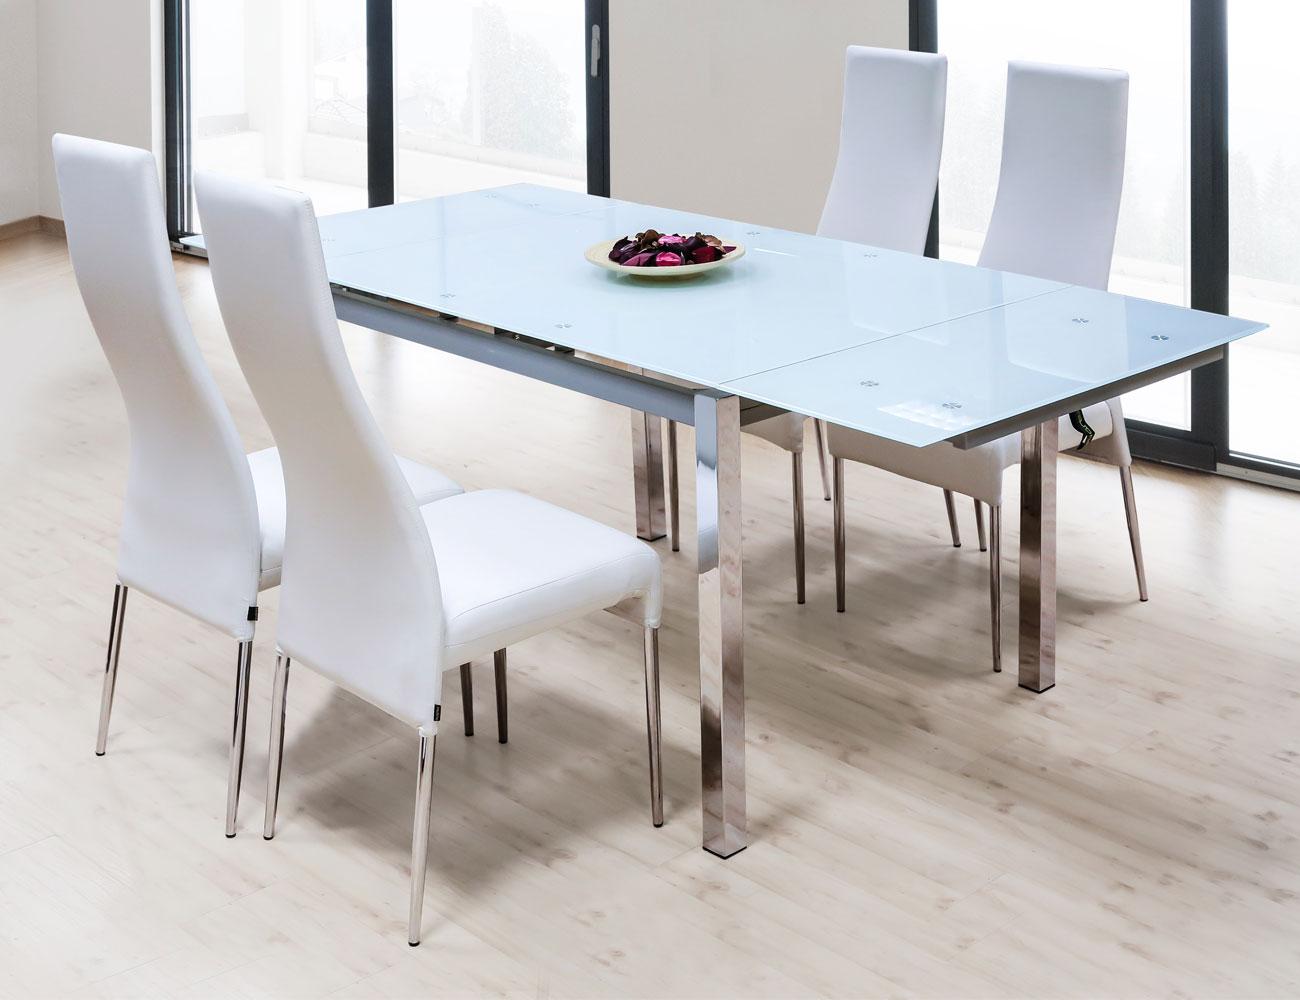 Mesa de comedor de cristal templado extensible con alas for Mesa de cristal extensible